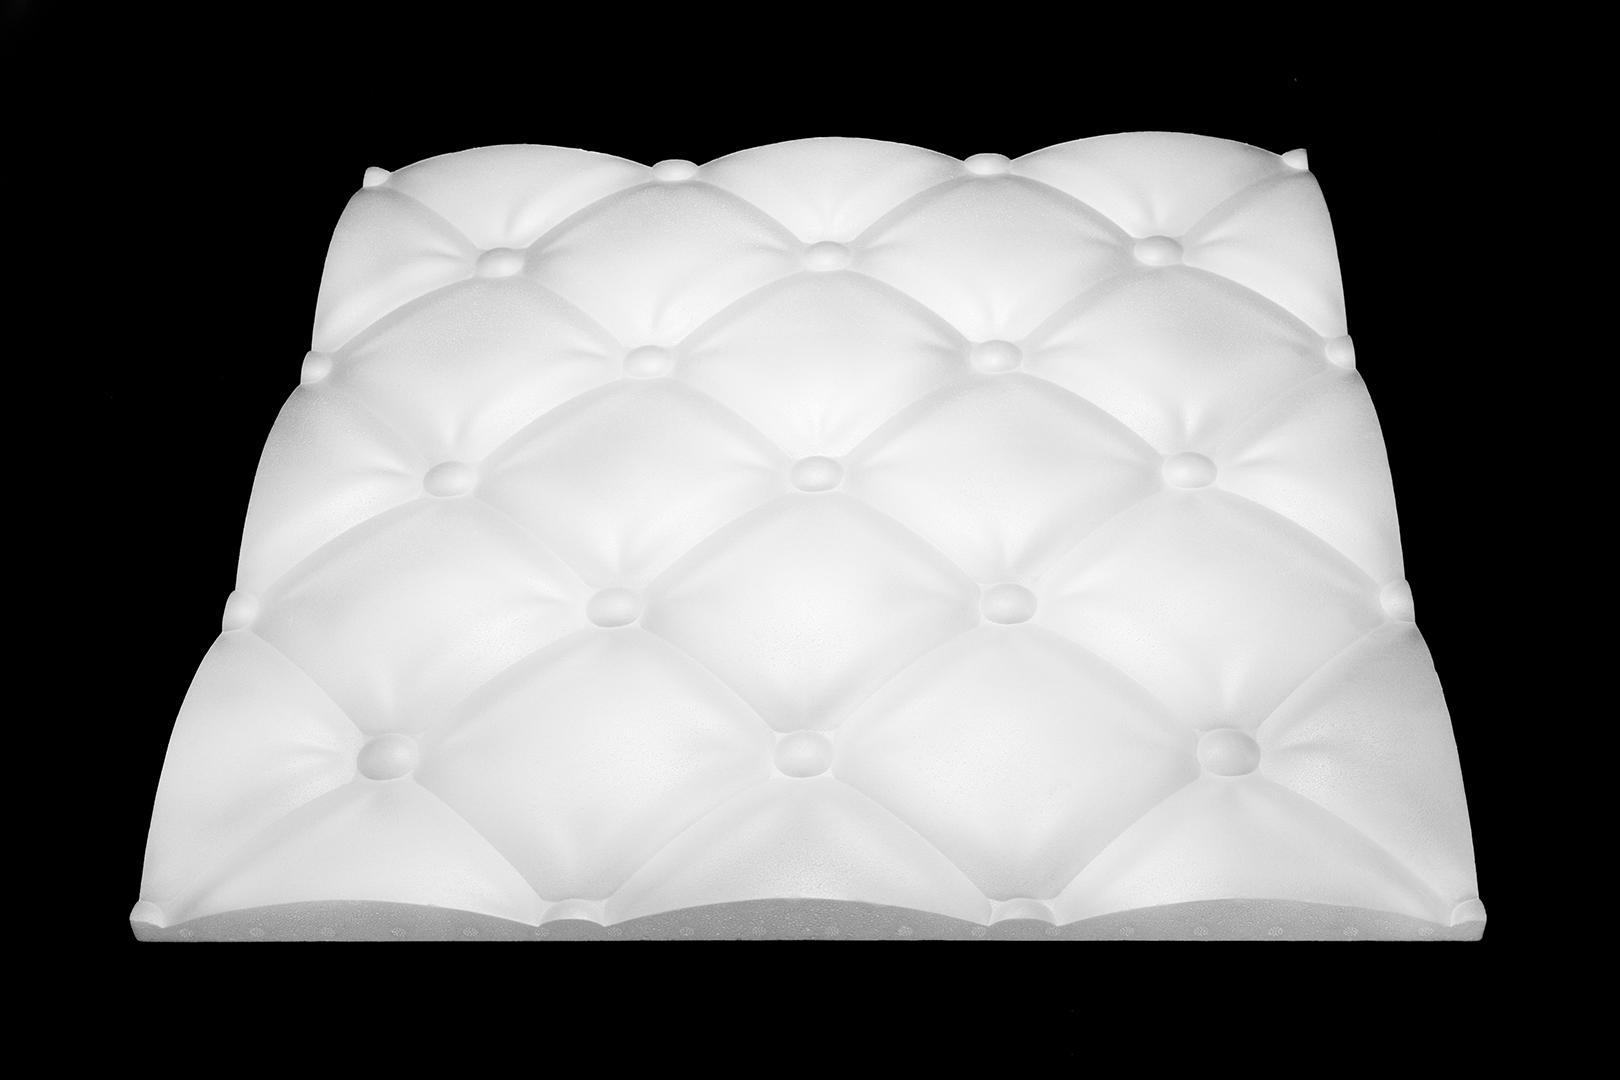 1 plaque 3d polystyr ne applique plafonnier panneau d coration d cor mural ebay. Black Bedroom Furniture Sets. Home Design Ideas